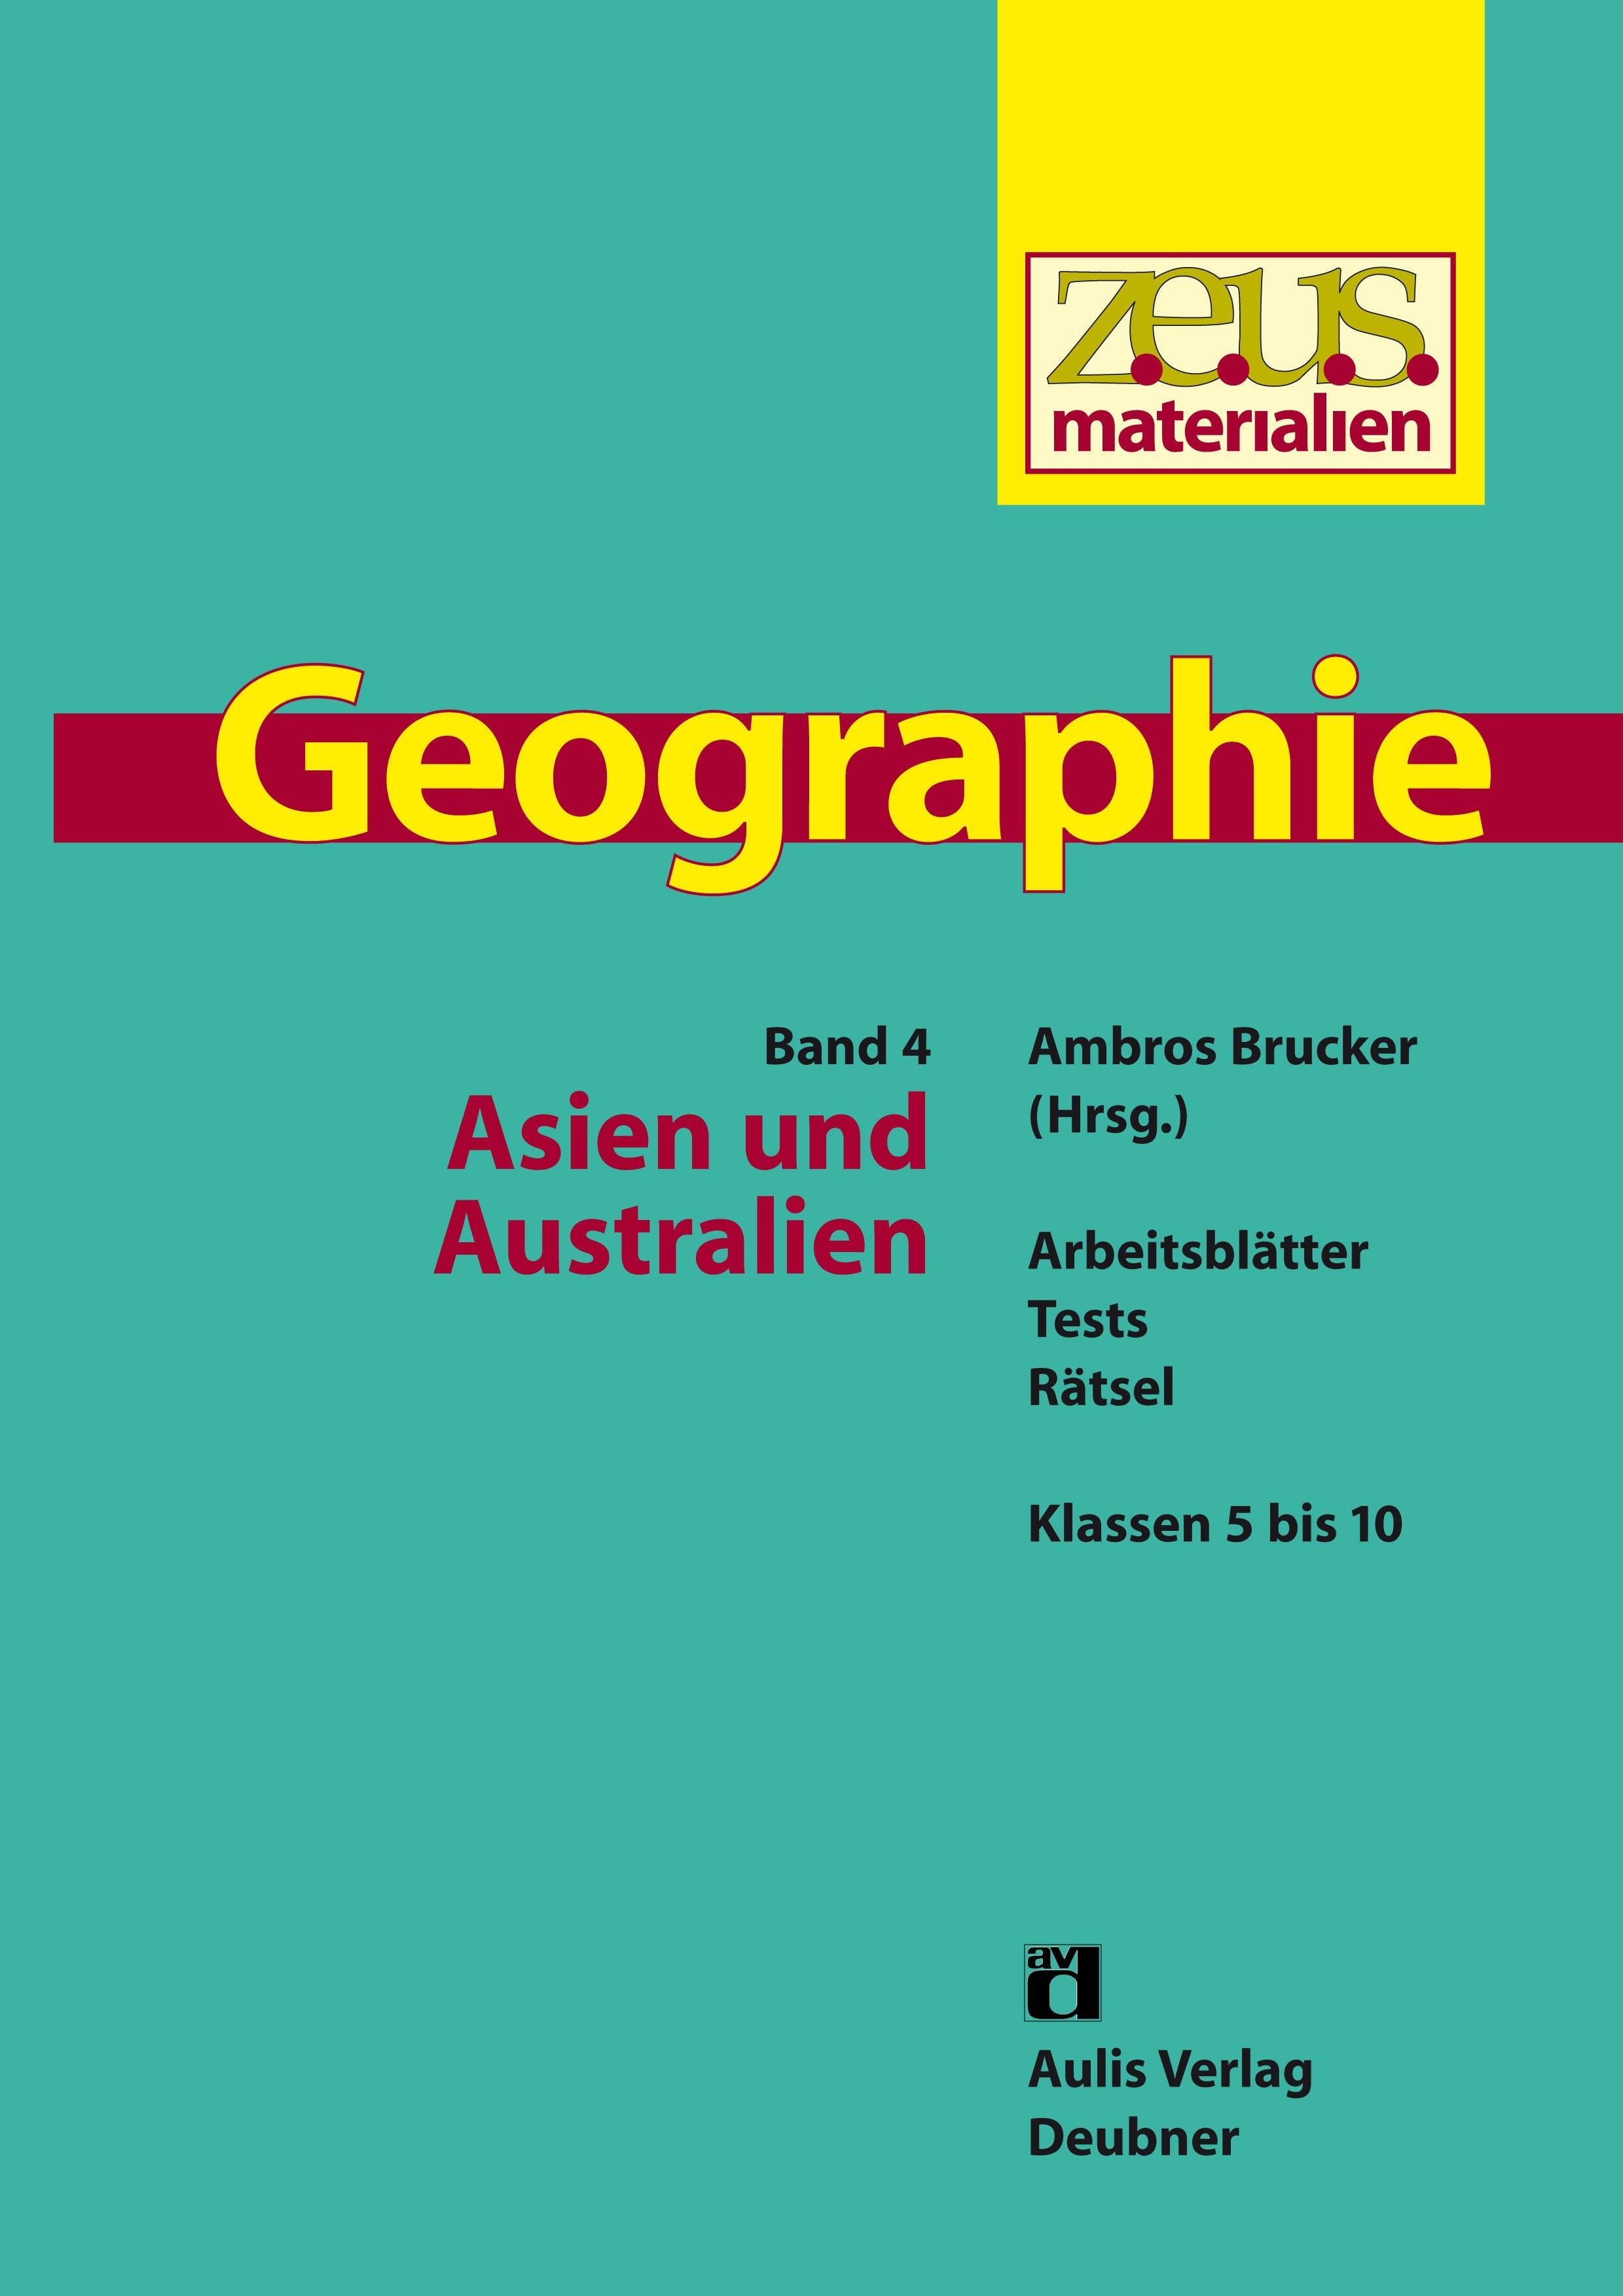 z.e.u.s. - Materialien Geographie / Asien und Australien. Arbeitsblät